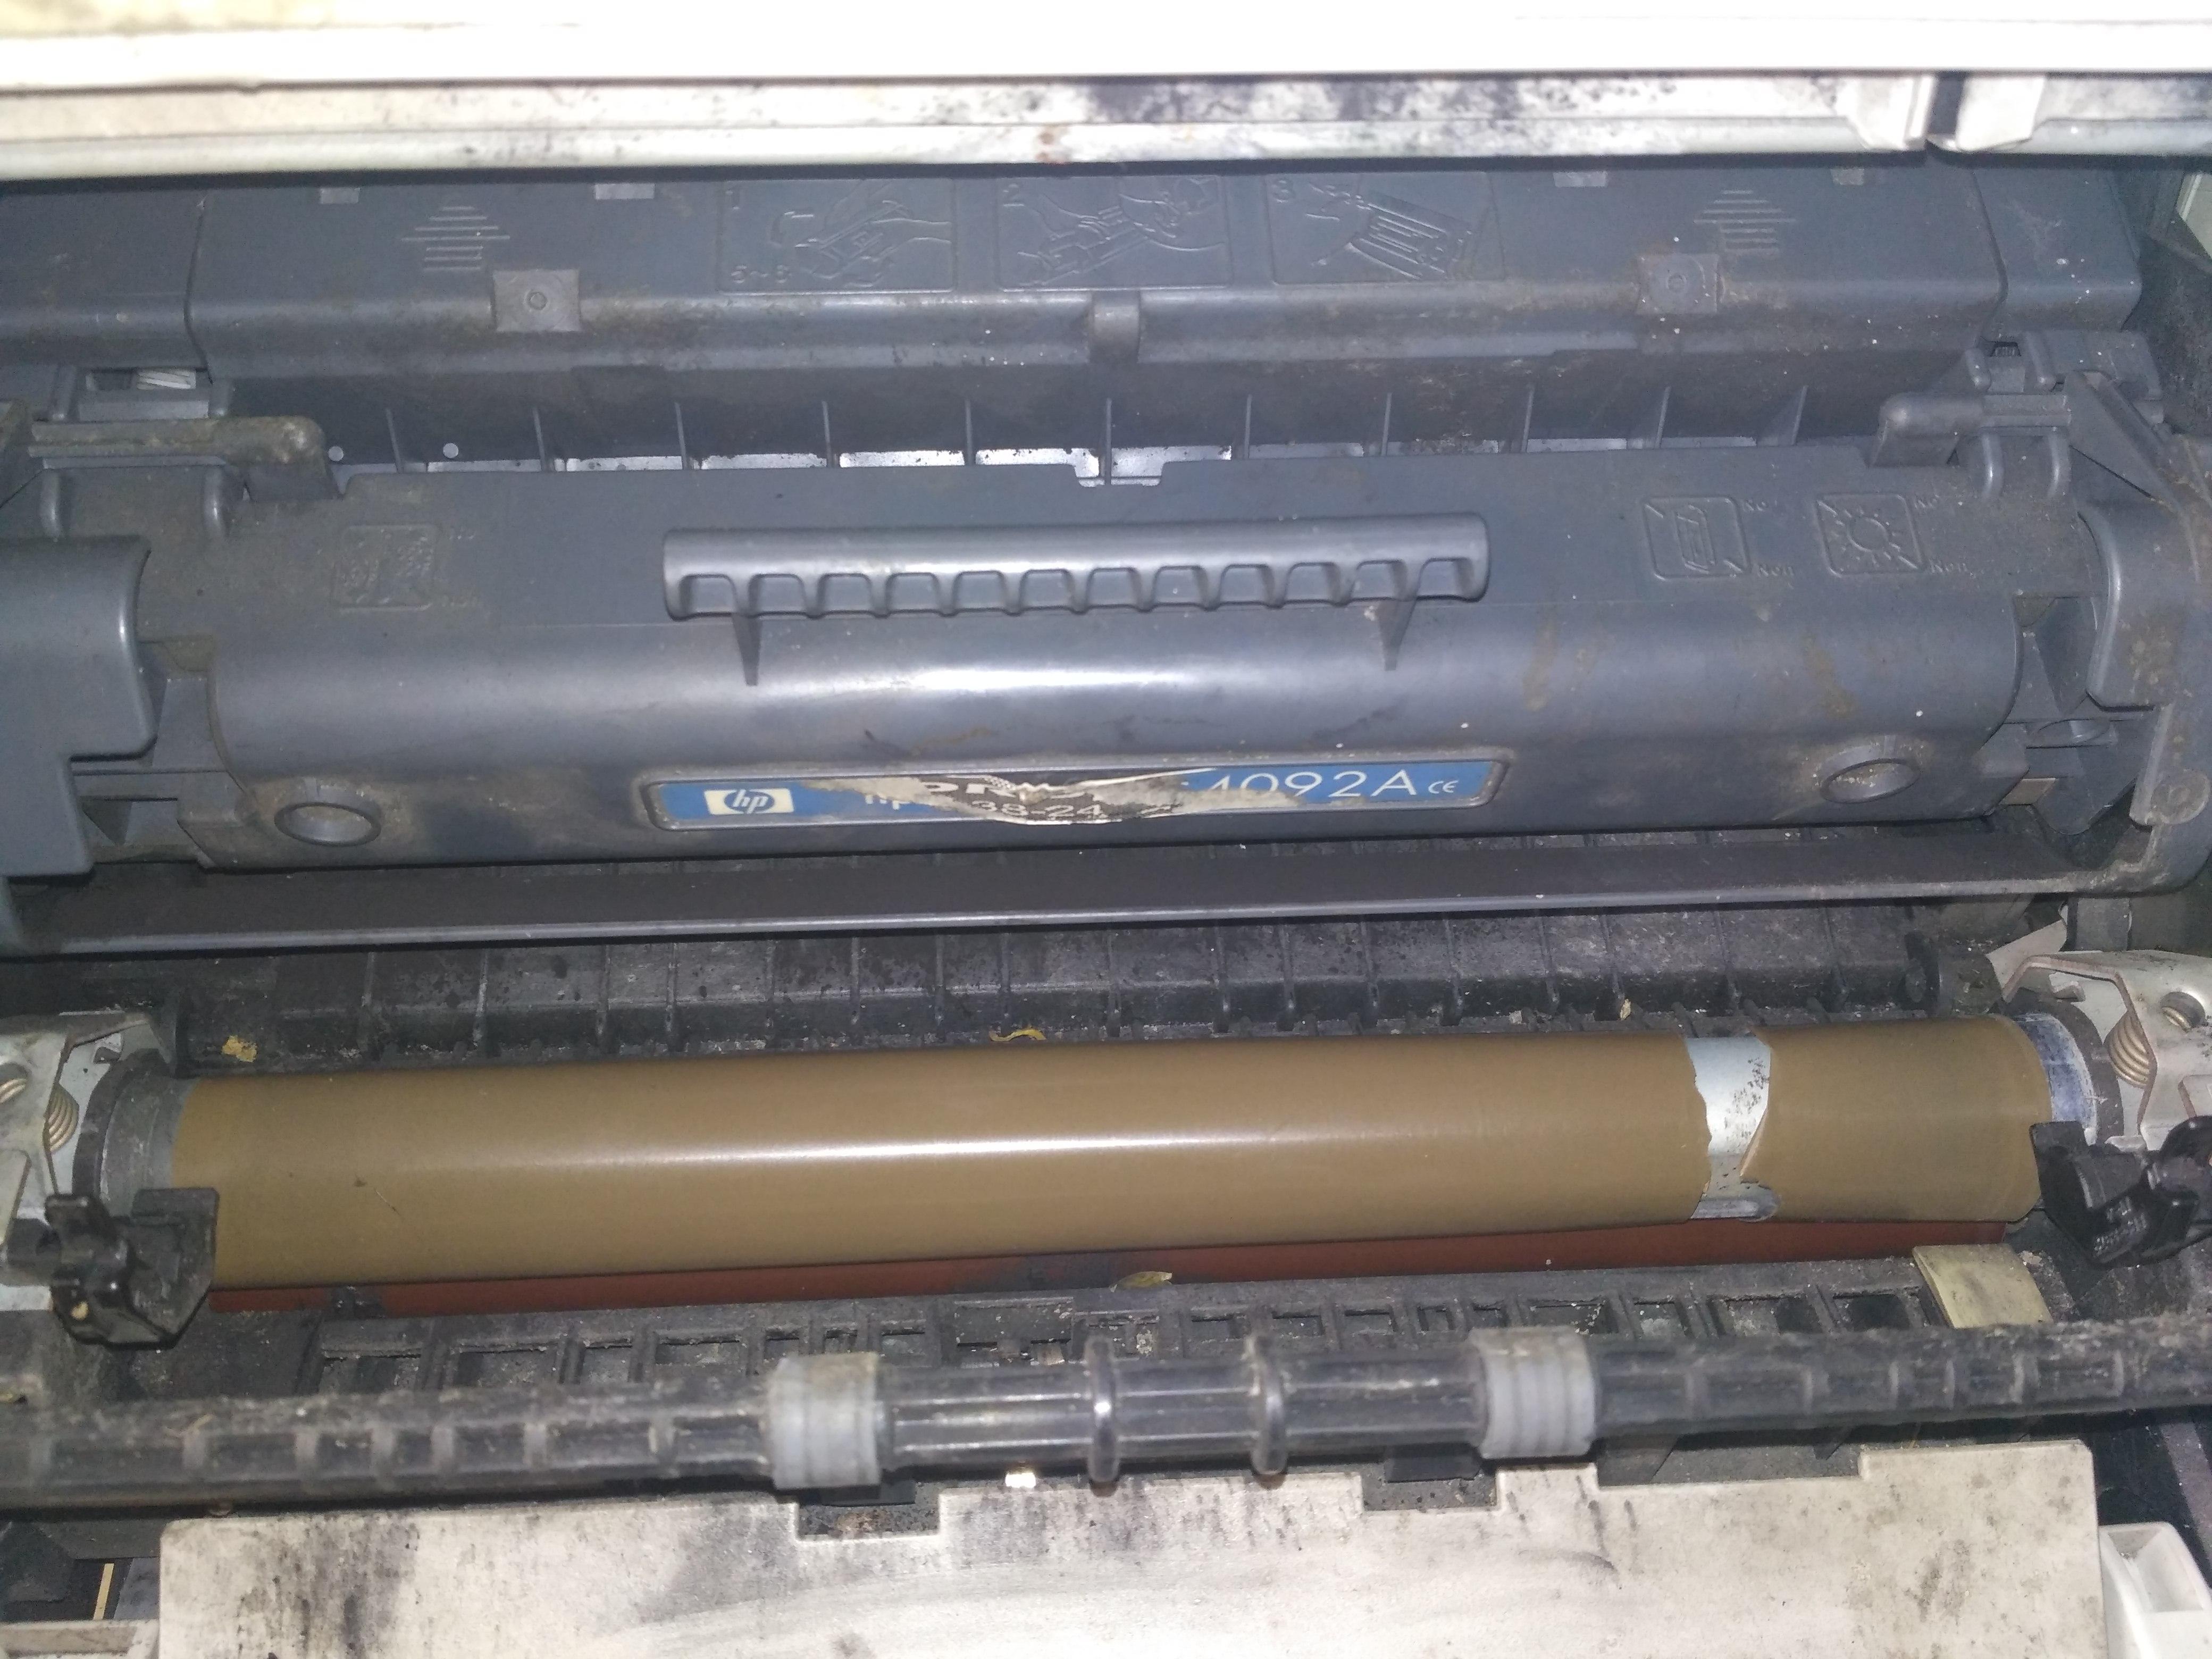 Topnotch HP Laserjet 1100 - W jaki sposób naprawić uszkodzenie folii? IY84